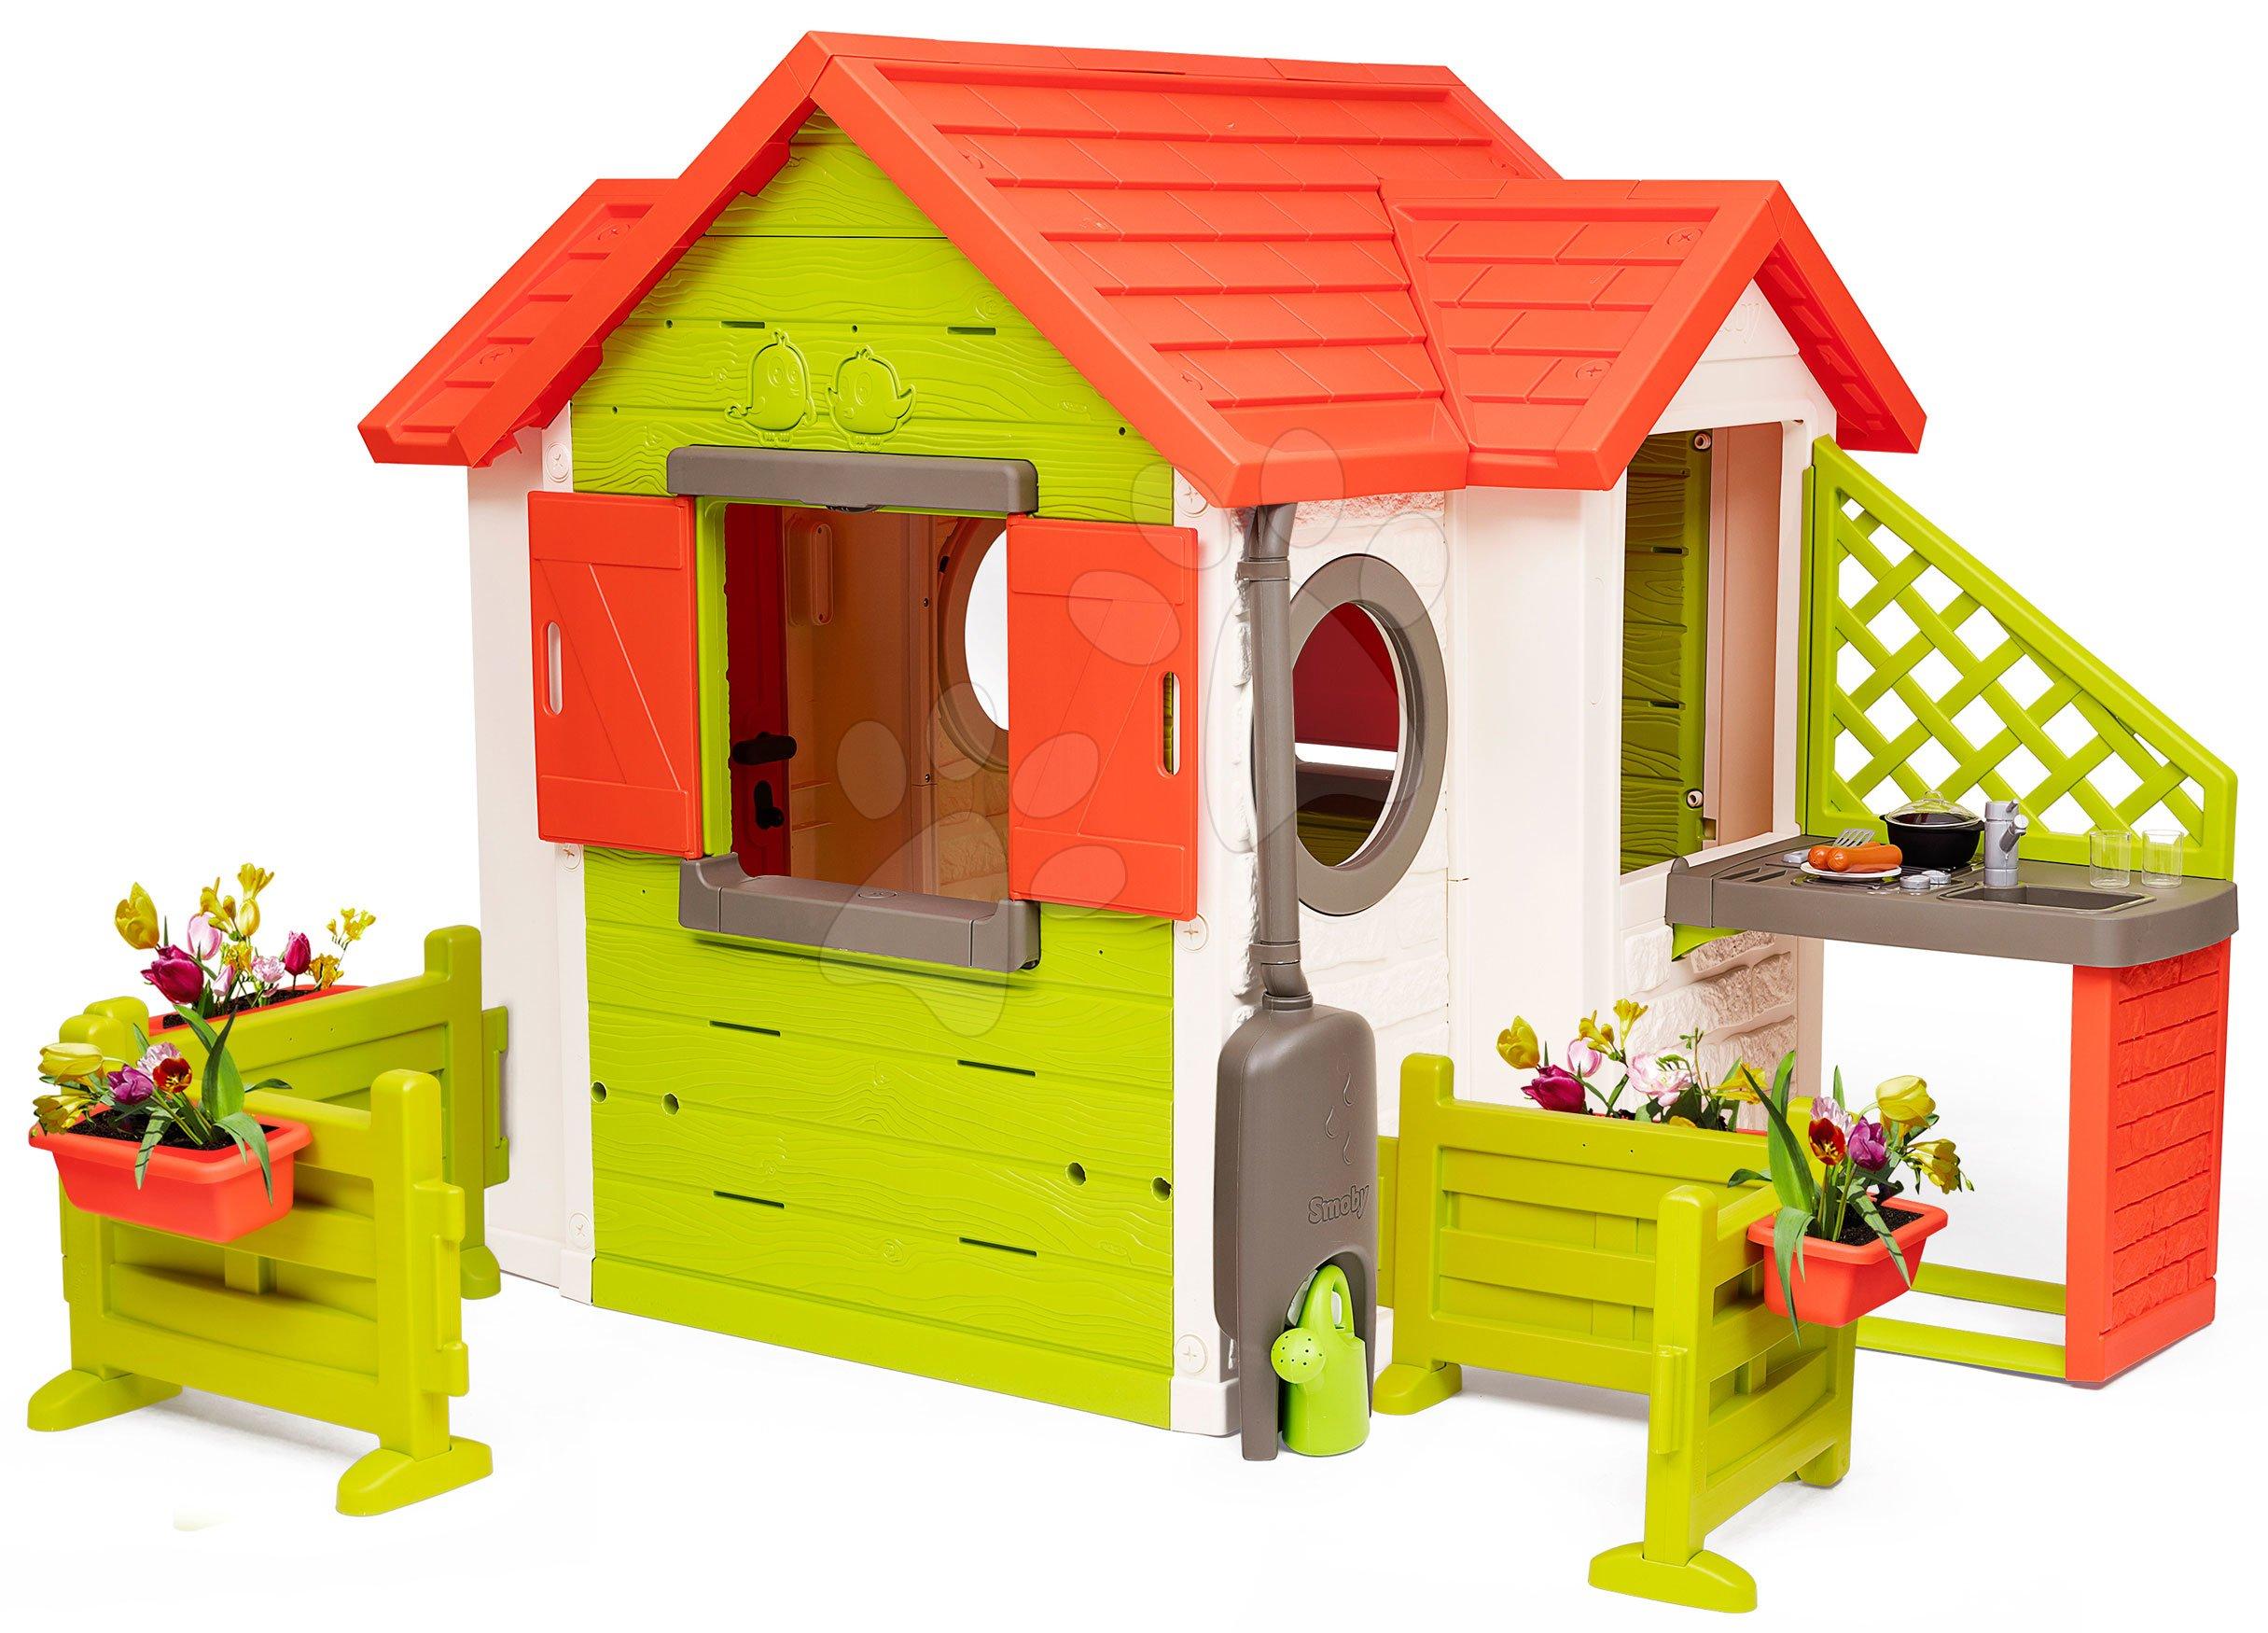 Domček My Neo House DeLuxe Smoby s kuchynkou a záhradkami